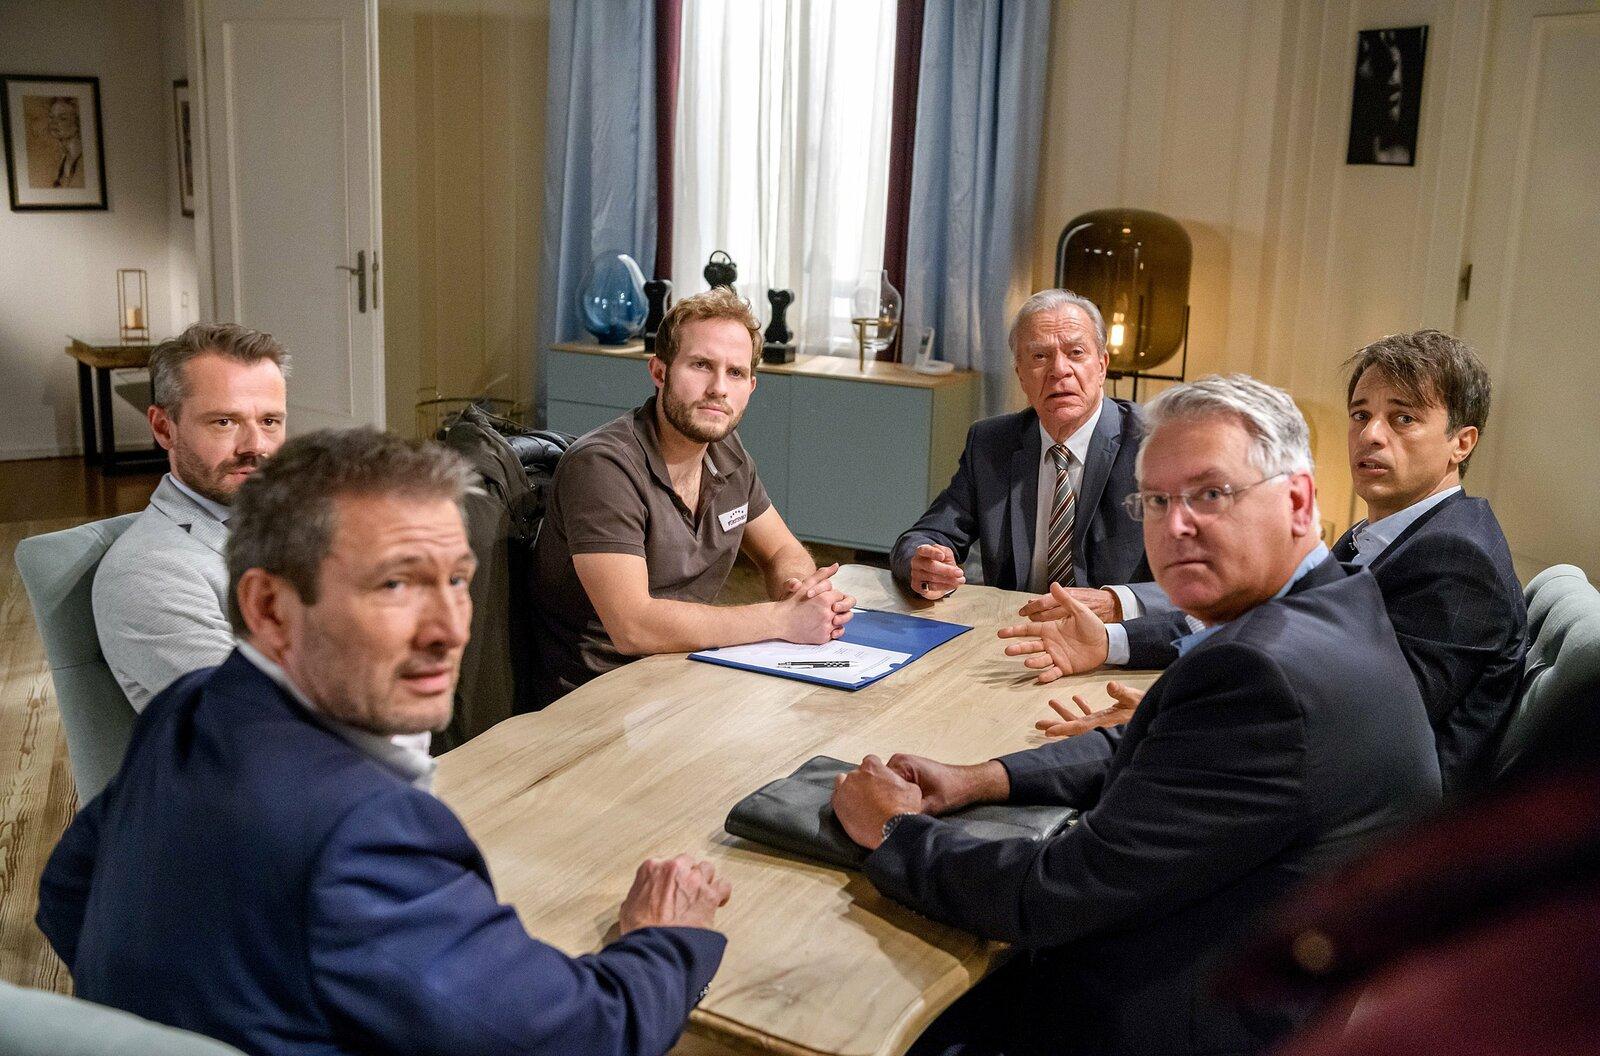 Maja kommt zu spät: Florian (Arne Löber, 3.v.l.) hat den Vertrag mit Christoph (Dieter Bach, l.), Werner (Dirk Galuba, 3.v.r.), Robert (Lorenzo Patané, 2.v.r.) und Erik (Sven Waasner, 2.v.l.) bereits unterschrieben. – Bild: ARD/Christof Arnold